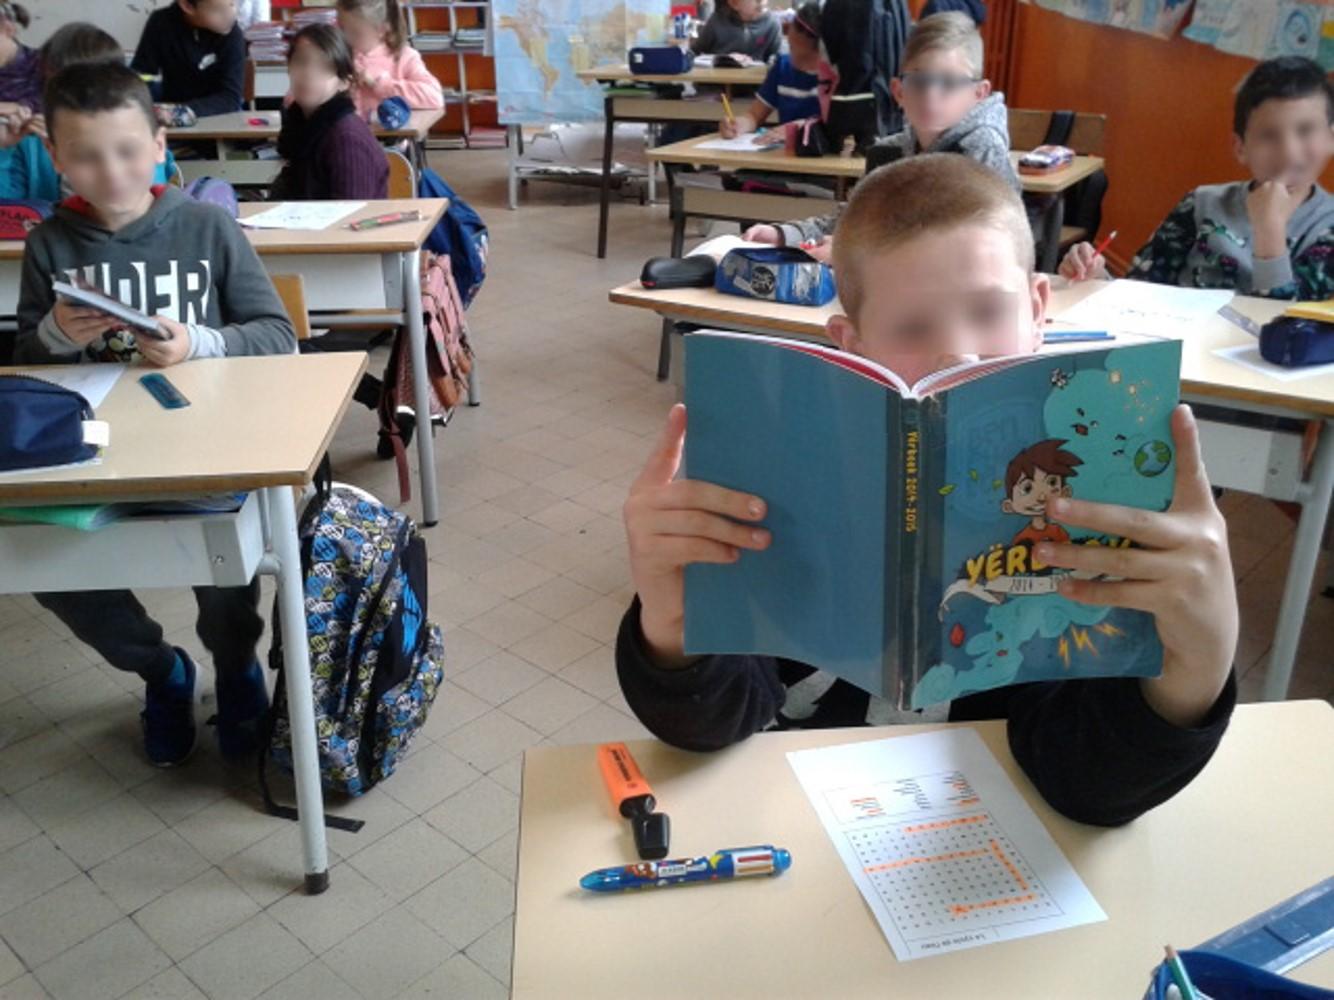 Les élèves lisent les Yërbooks des années précédentes